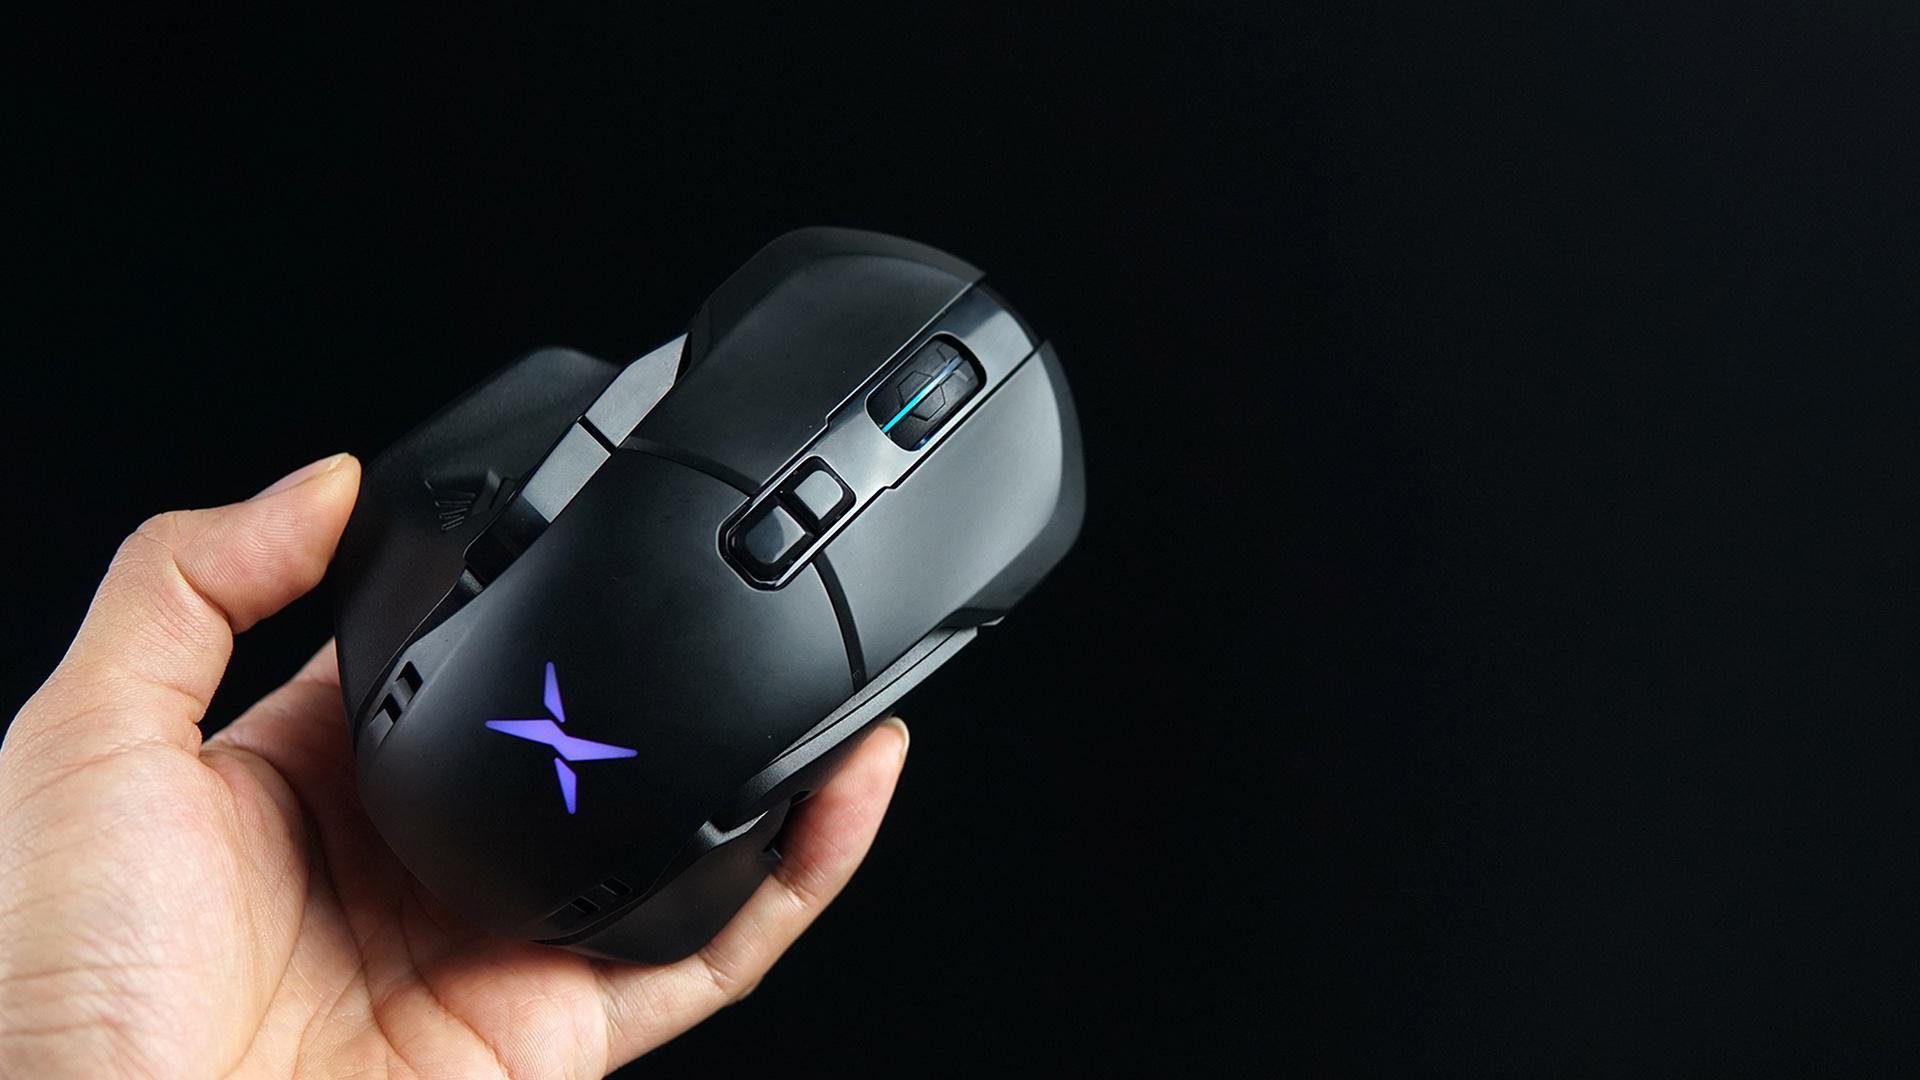 in外设|一鼠多形态!多彩 M629 无线游戏鼠标开箱拆解